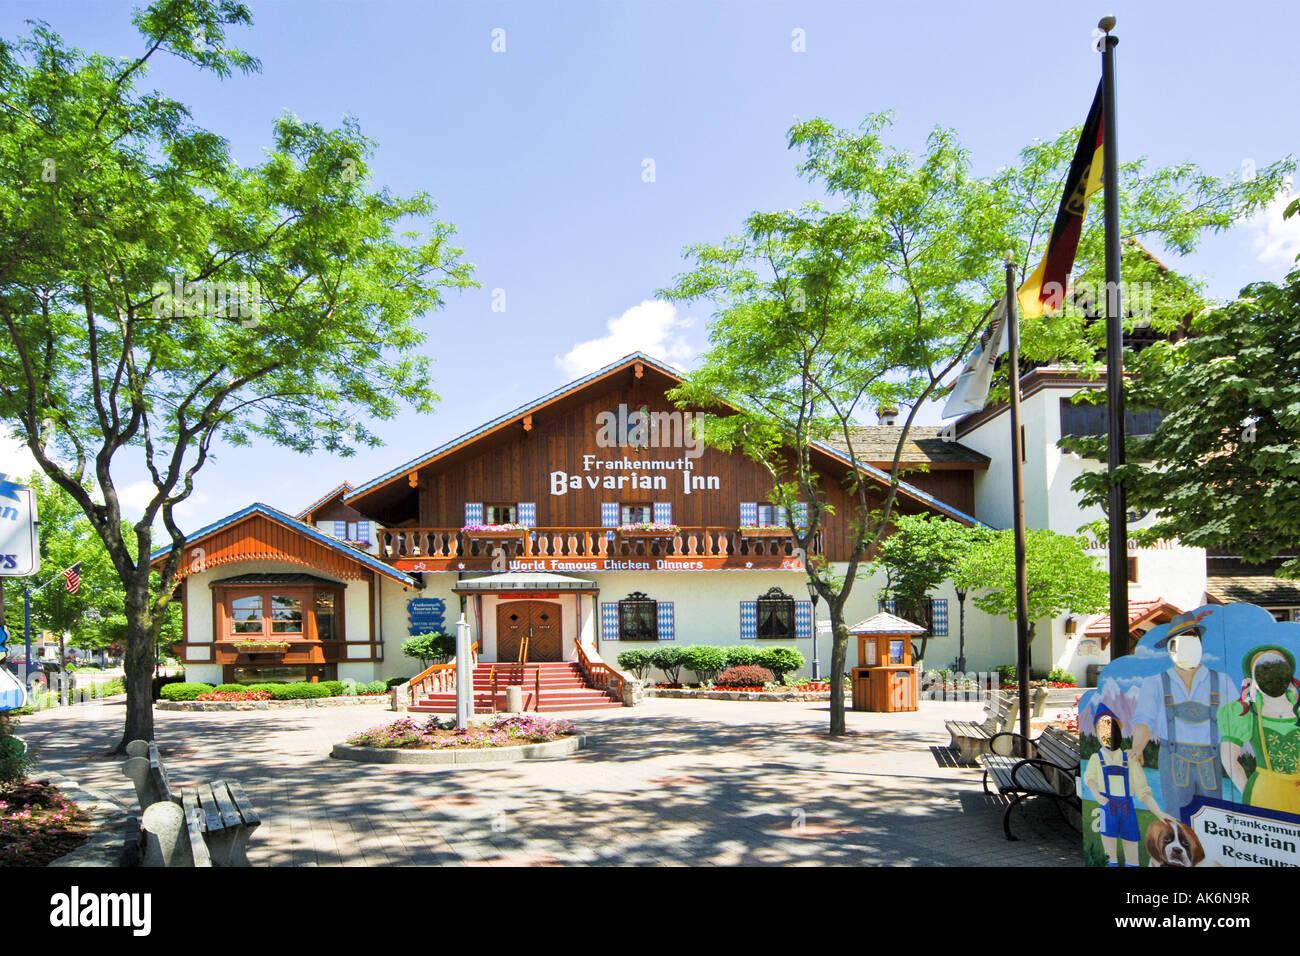 frankenmuth bavarian inn stock photos frankenmuth bavarian inn